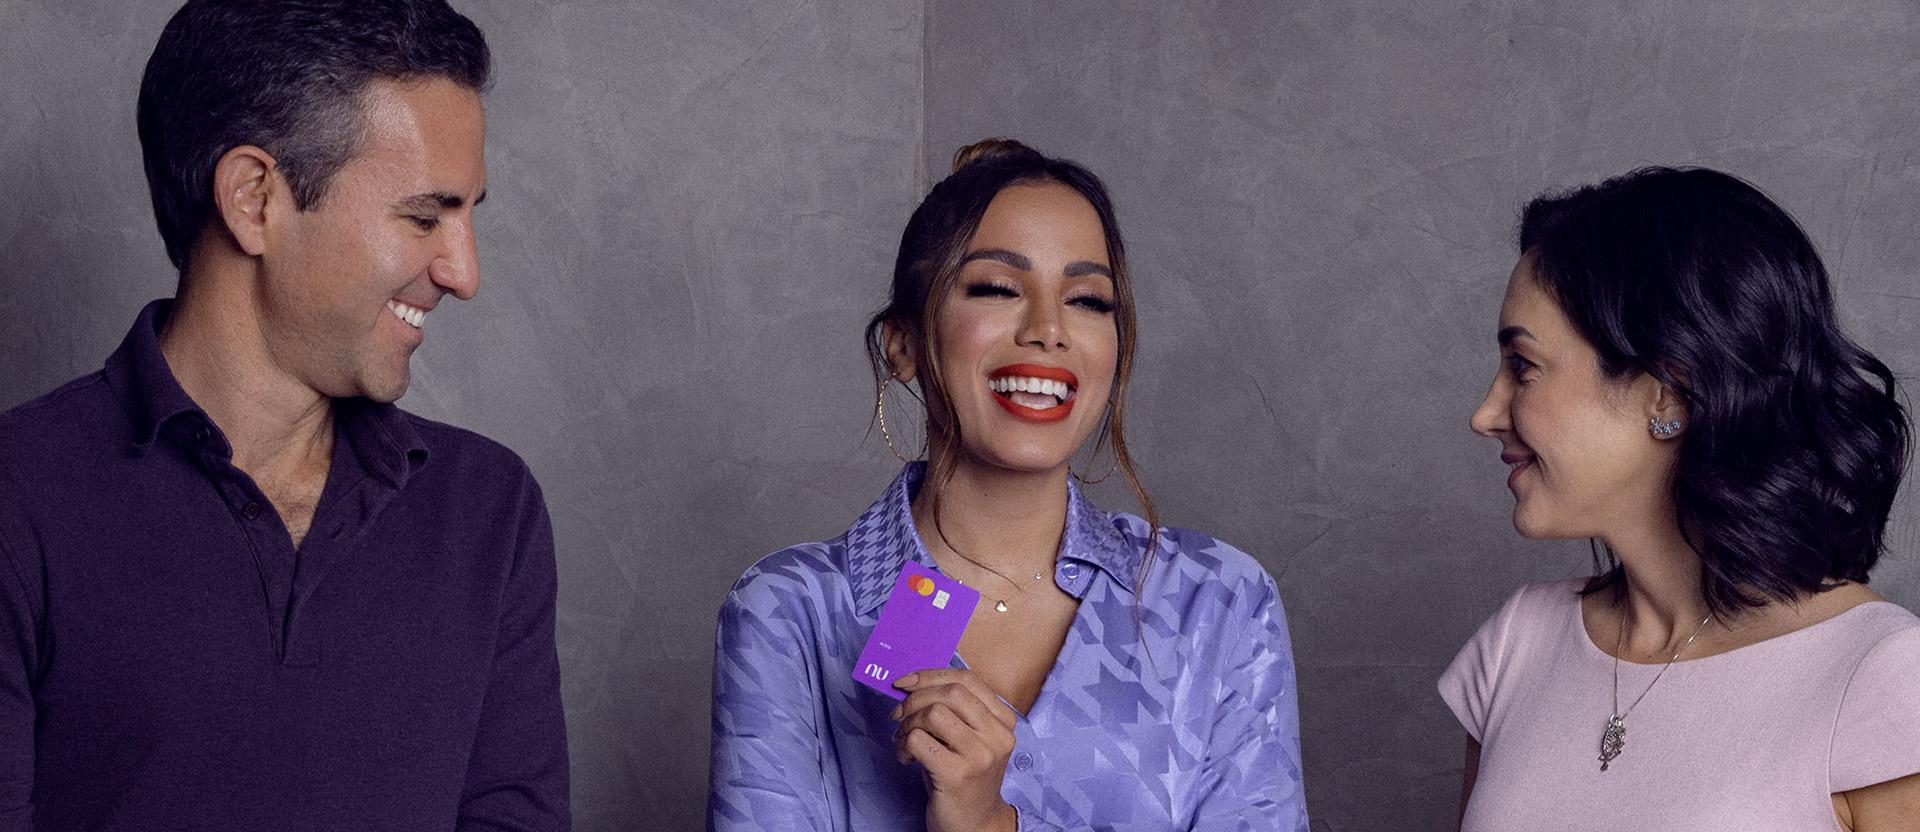 Anitta como estratégia de marketing do Nubank